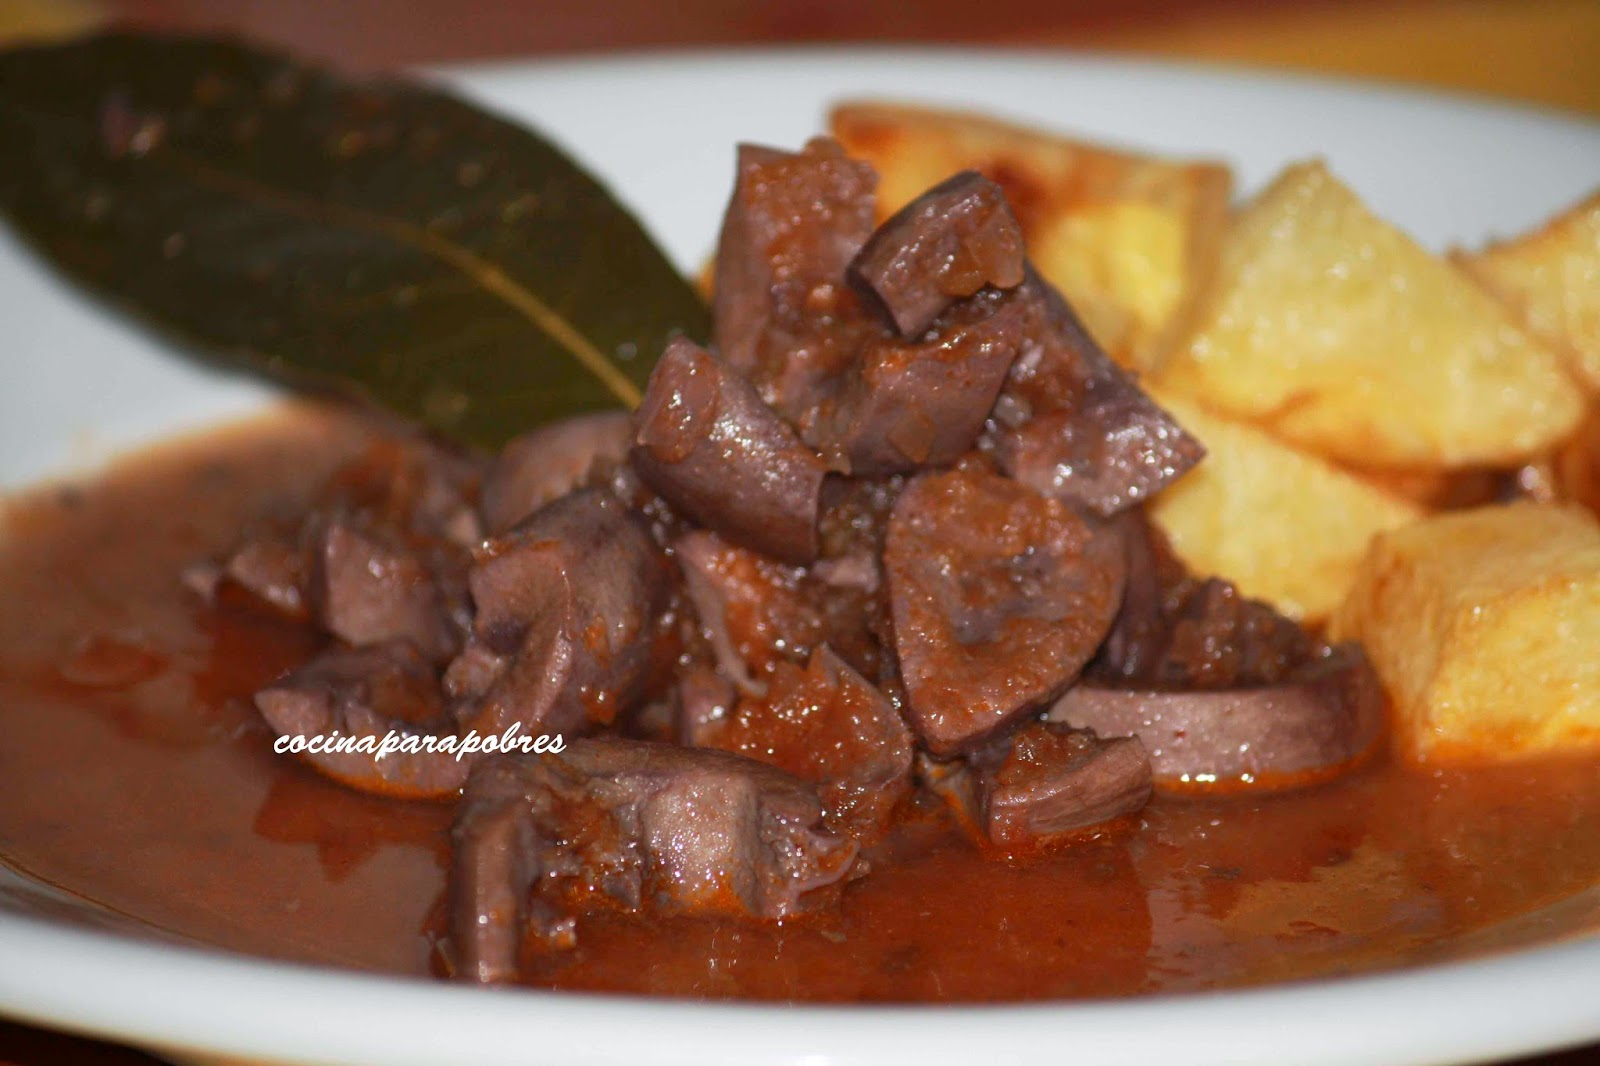 cocina para pobres ri ones en salsa On cocinar rinones de cerdo